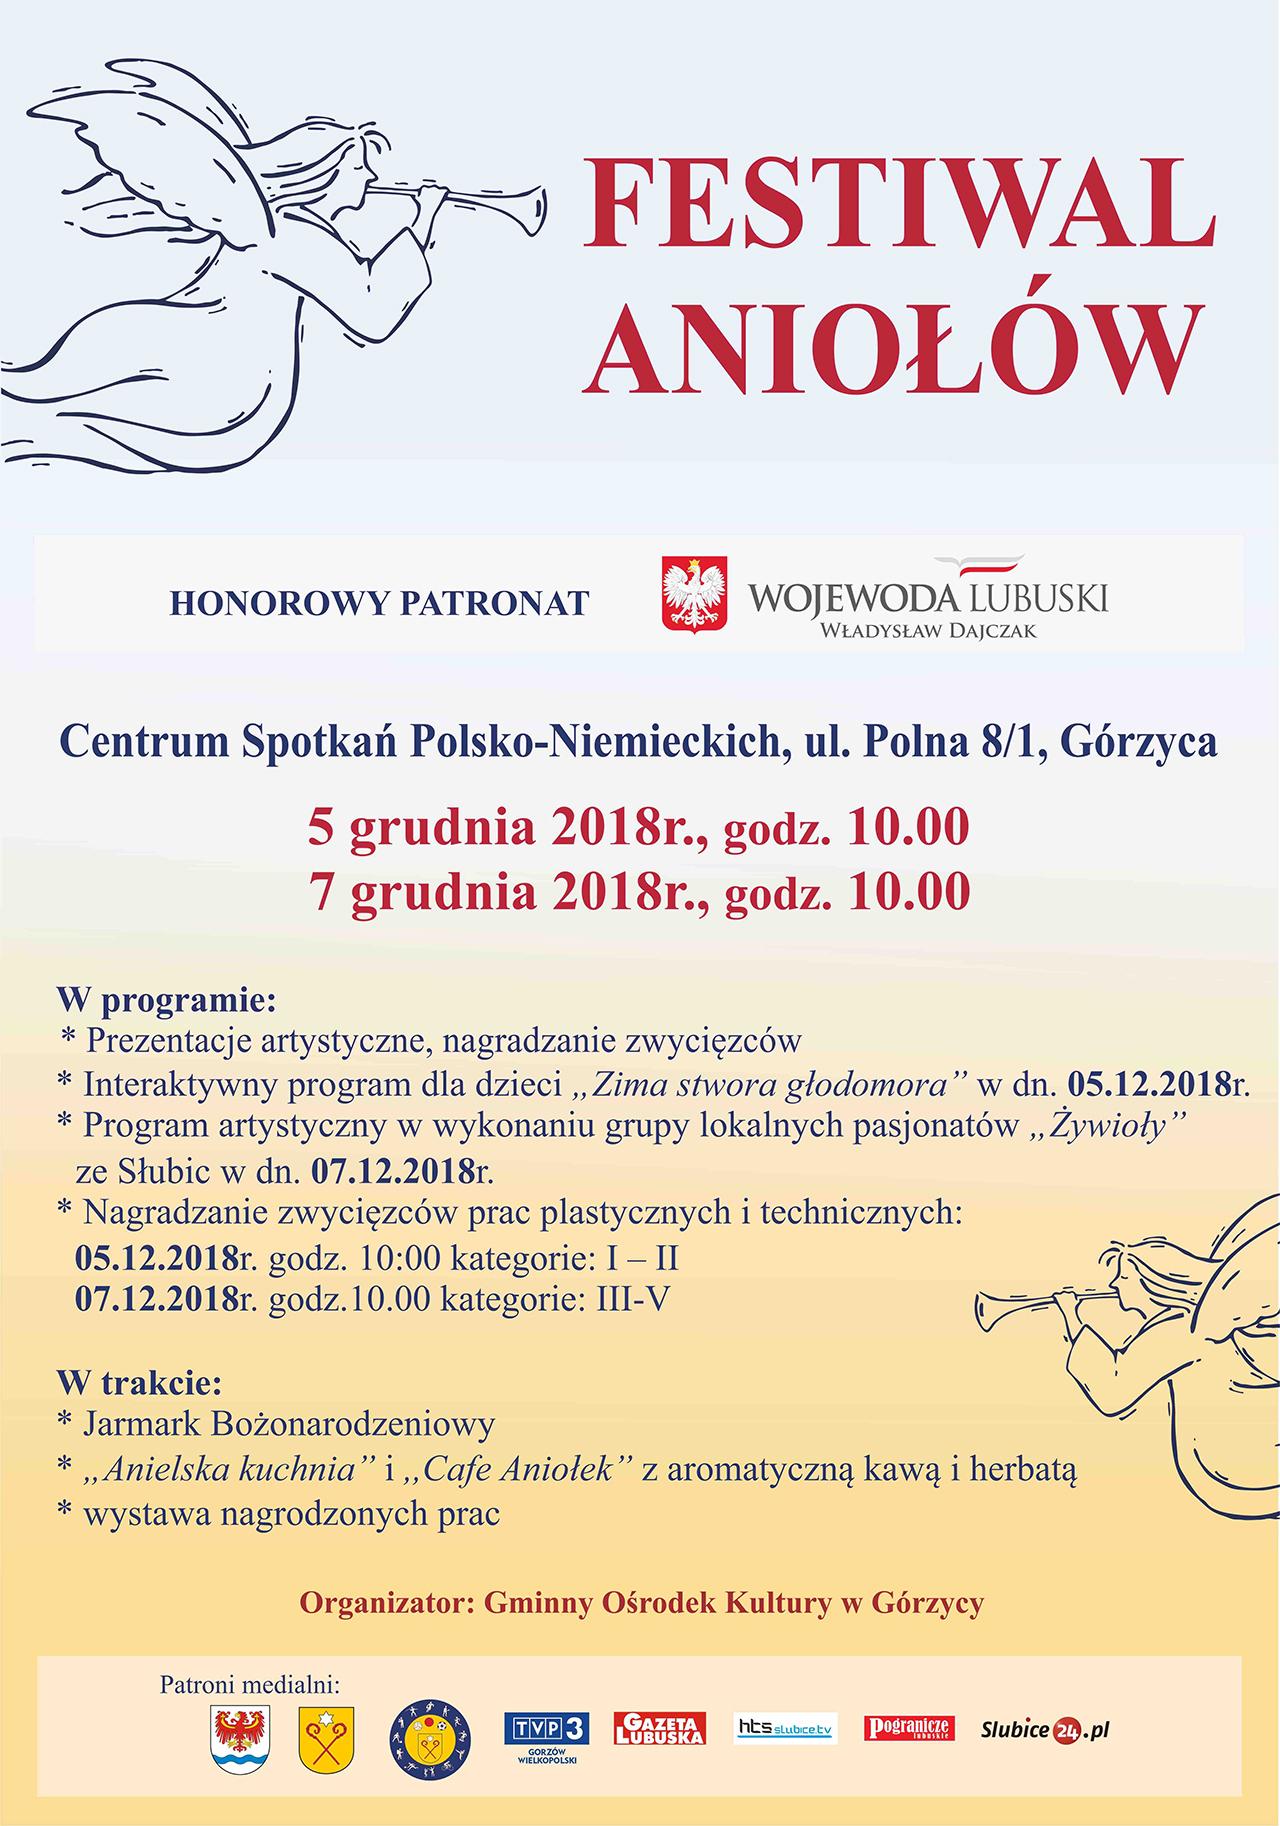 You are browsing images from the article: Serdecznie zapraszamy do udzia³u w kolejnej edycji Festiwalu Anio³ów!